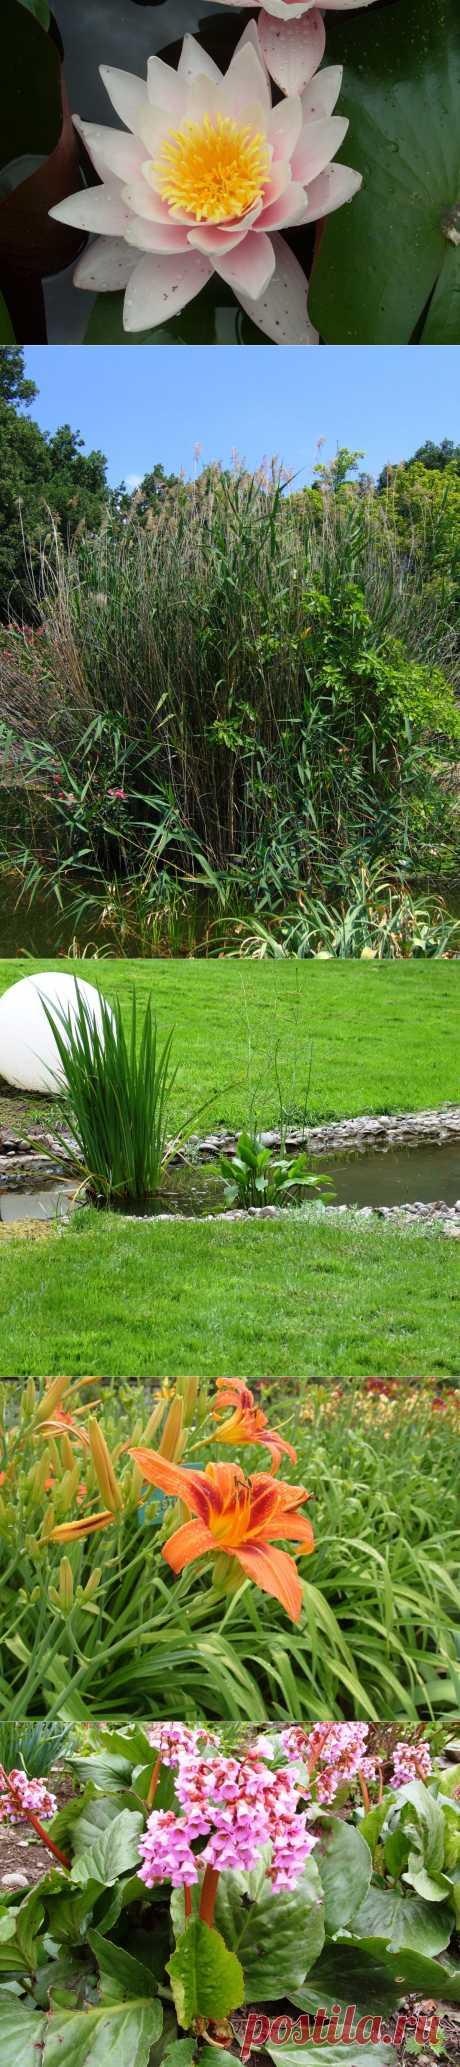 Съедобные растения в оформлении водоема.Группы водных растений:водных растений,прибрежно-водные растения и болотные.Зоны размещения растений в водоеме и рекомендуемые для них растения.